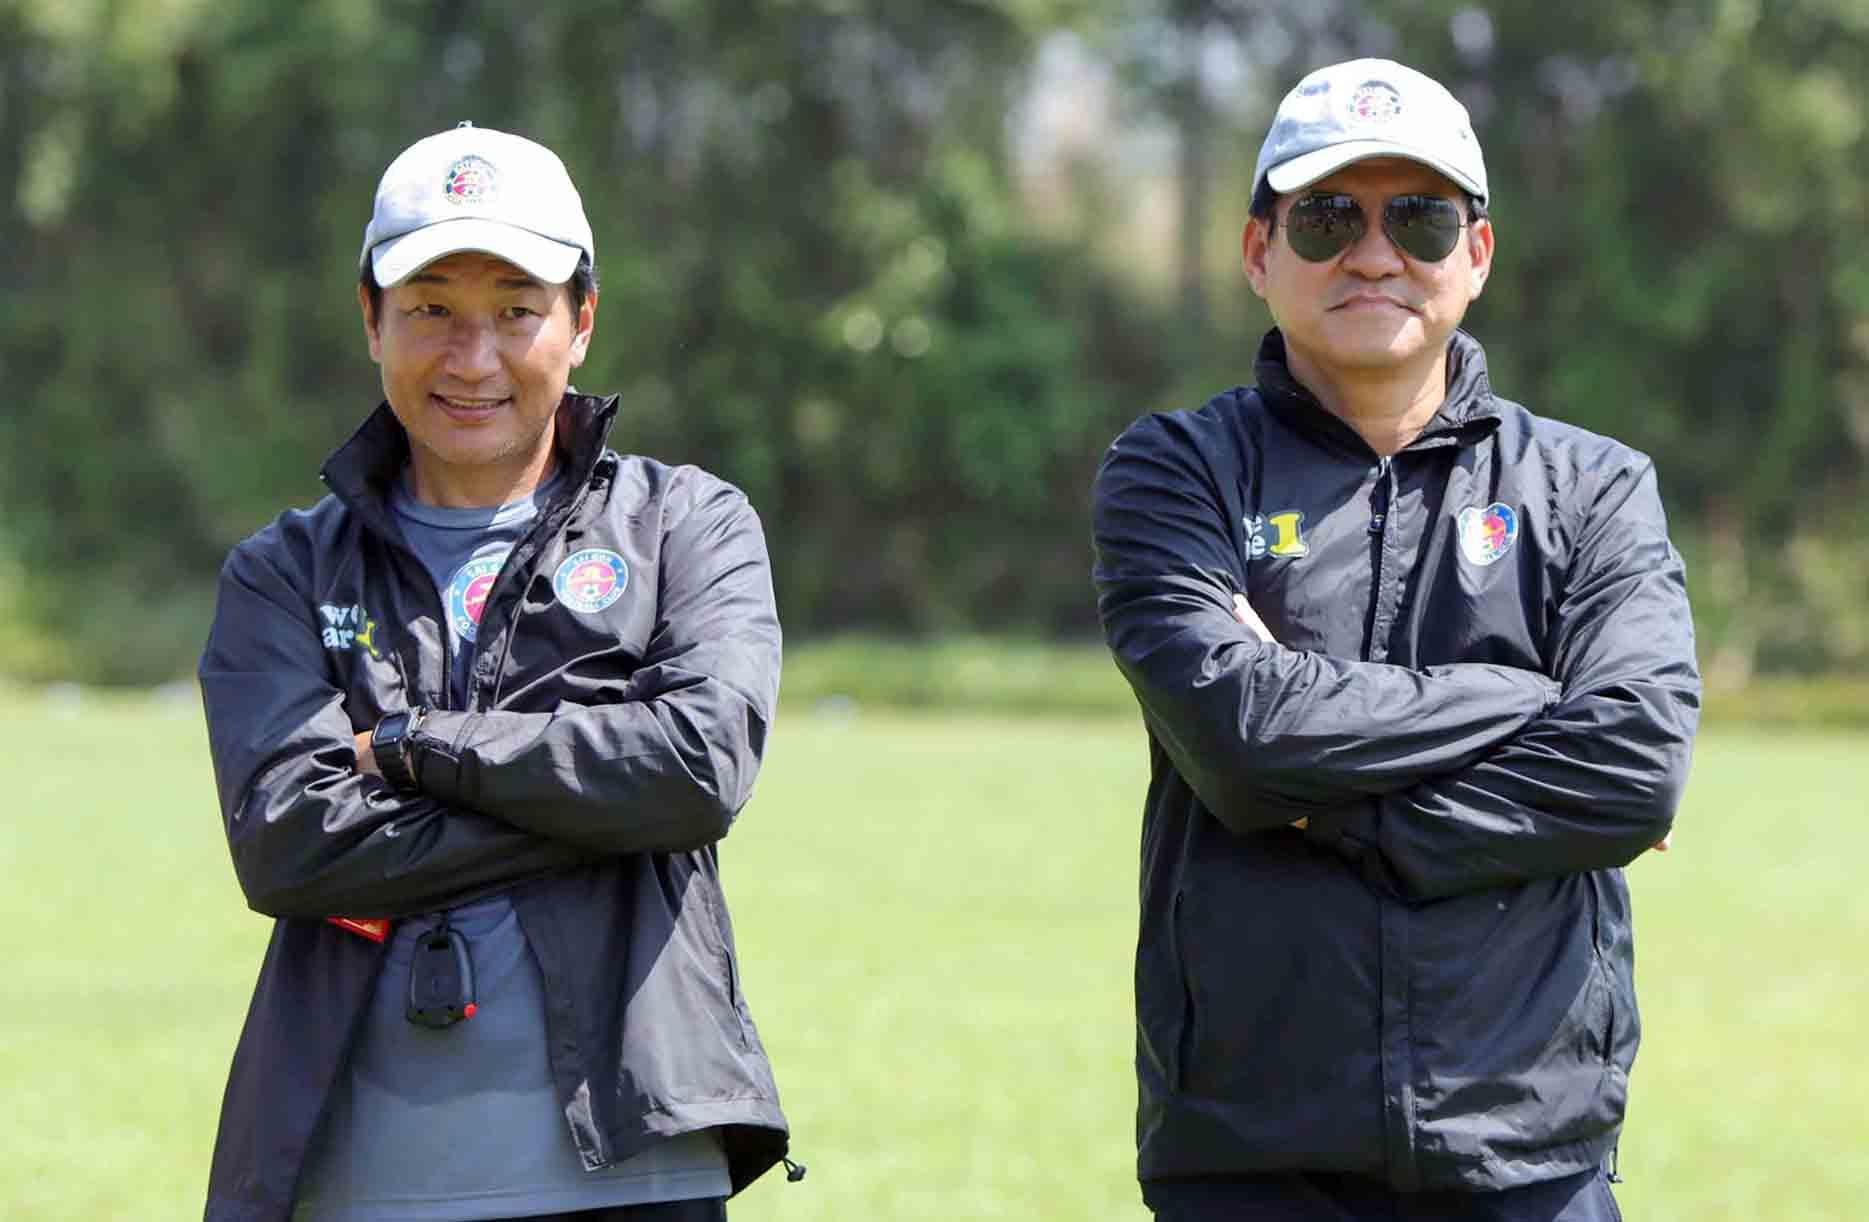 Ông Shimoda Masahiro (trái) sẽ làm HLV trưởng CLB Sài Gòn thay HLV Vũ Tiến Thành. Ảnh: Thanh Anh.